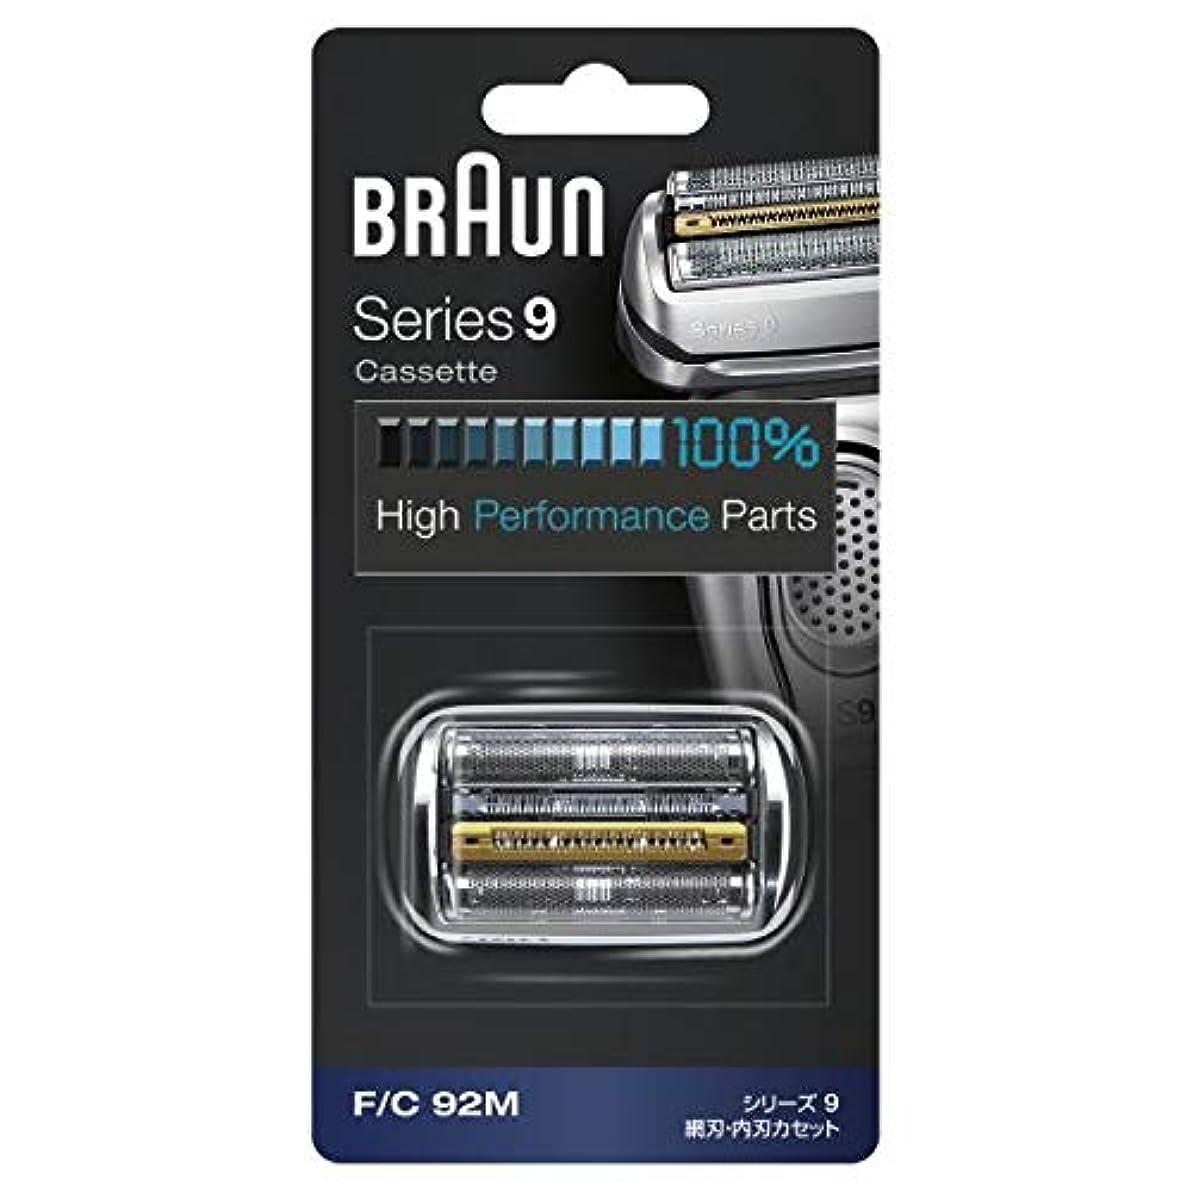 マイクロ支援する知人ブラウン メンズ電気シェーバー シリーズ9 替刃 F/C92M F/C92M